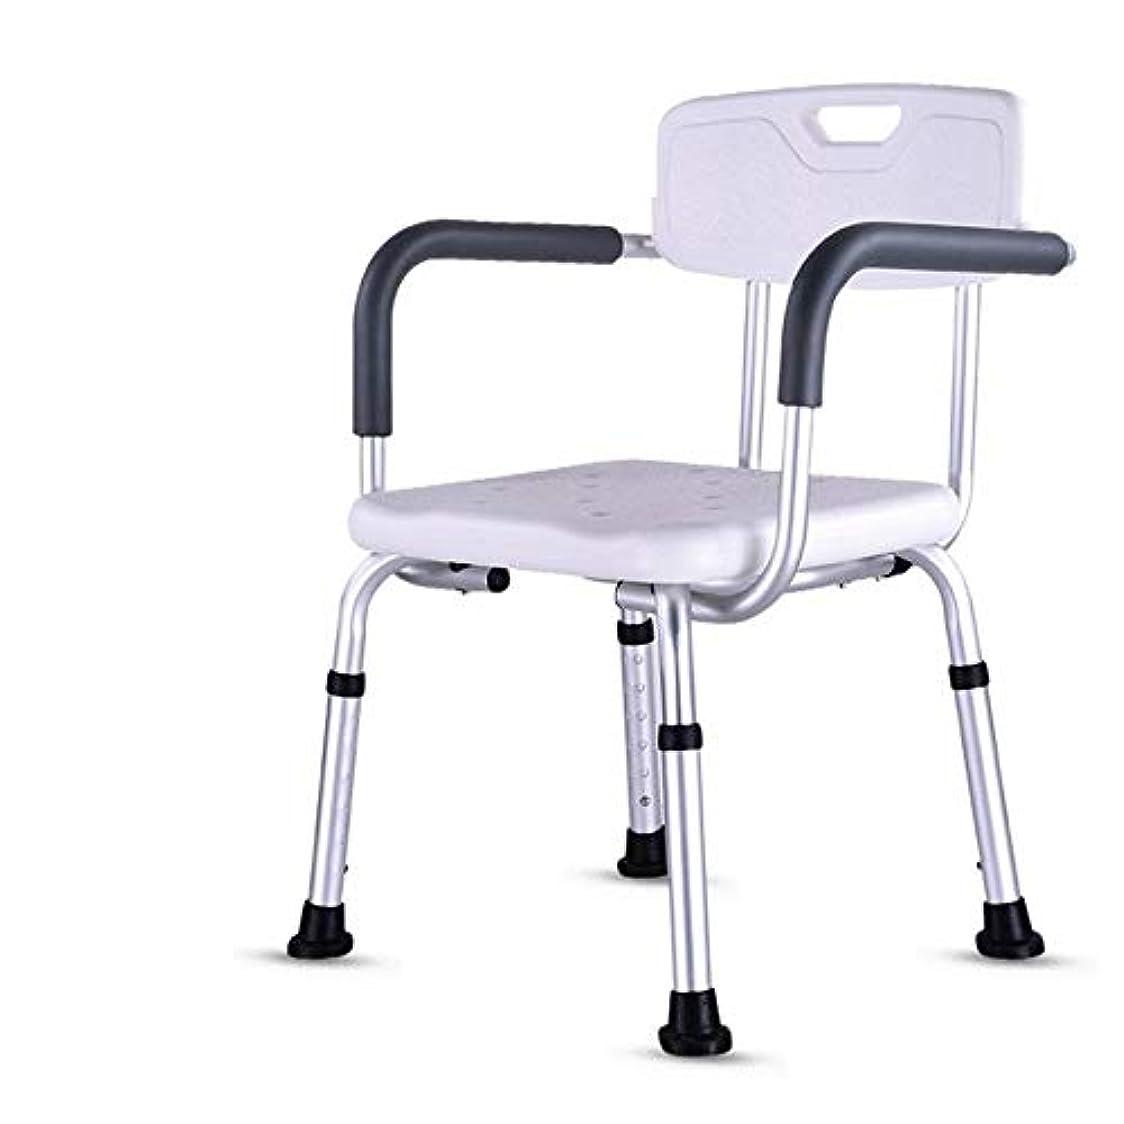 スマートるなんとなく背もたれ付き軽量折りたたみウェットバスルームシャワーシートチェア-高さ調節可能